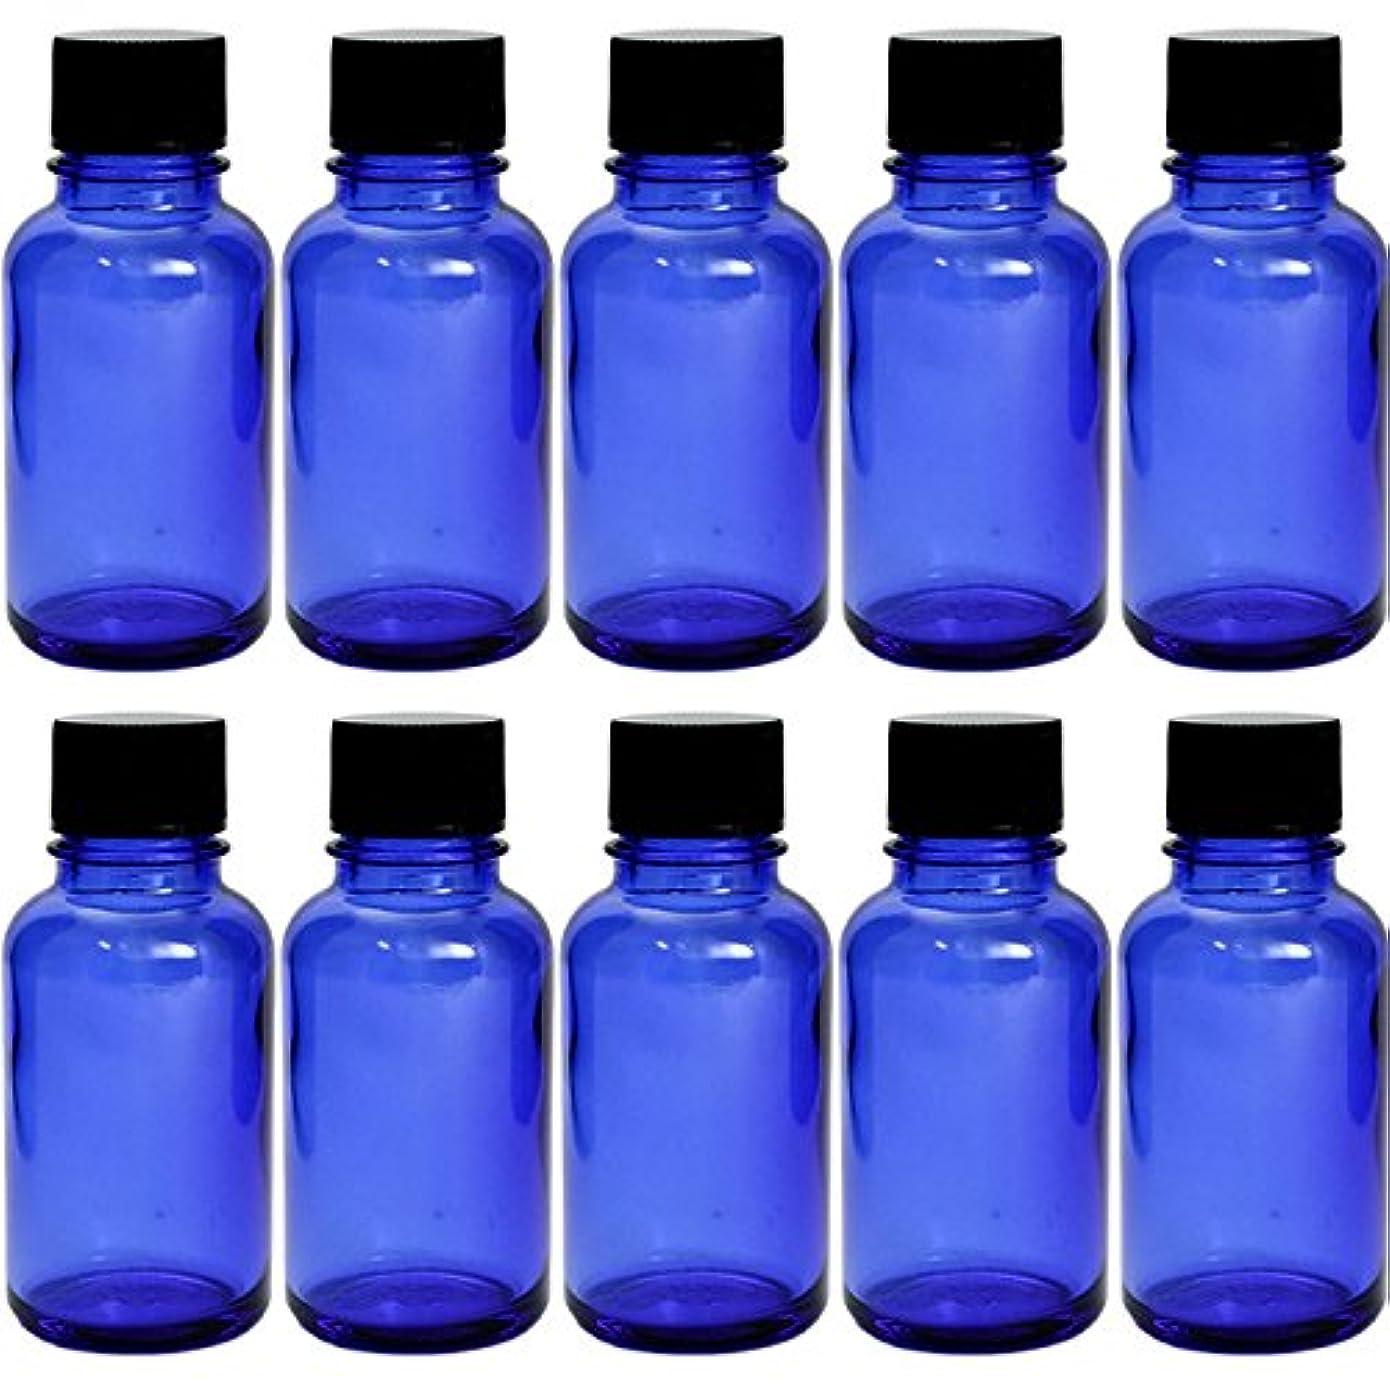 交換可能モールコア遮光瓶 ブルー 30cc SYA-B30cc -10本セット- (黒CAP ドロップ栓付)